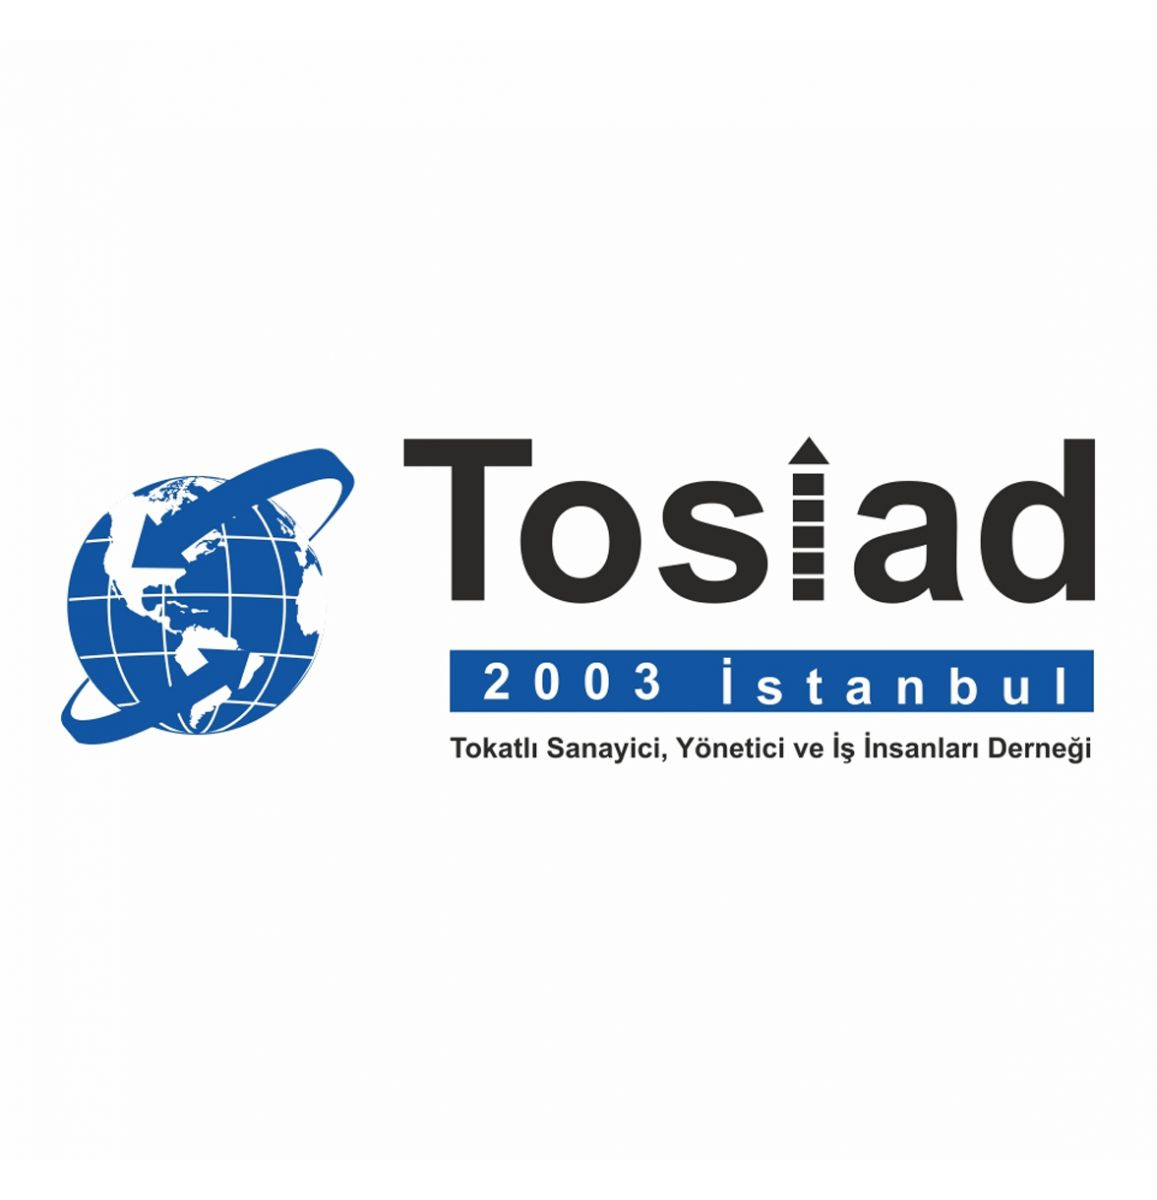 İstanbul Tokatlı Sanayici Yönetici ve İş İnsanları Derneği (TOSİAD)